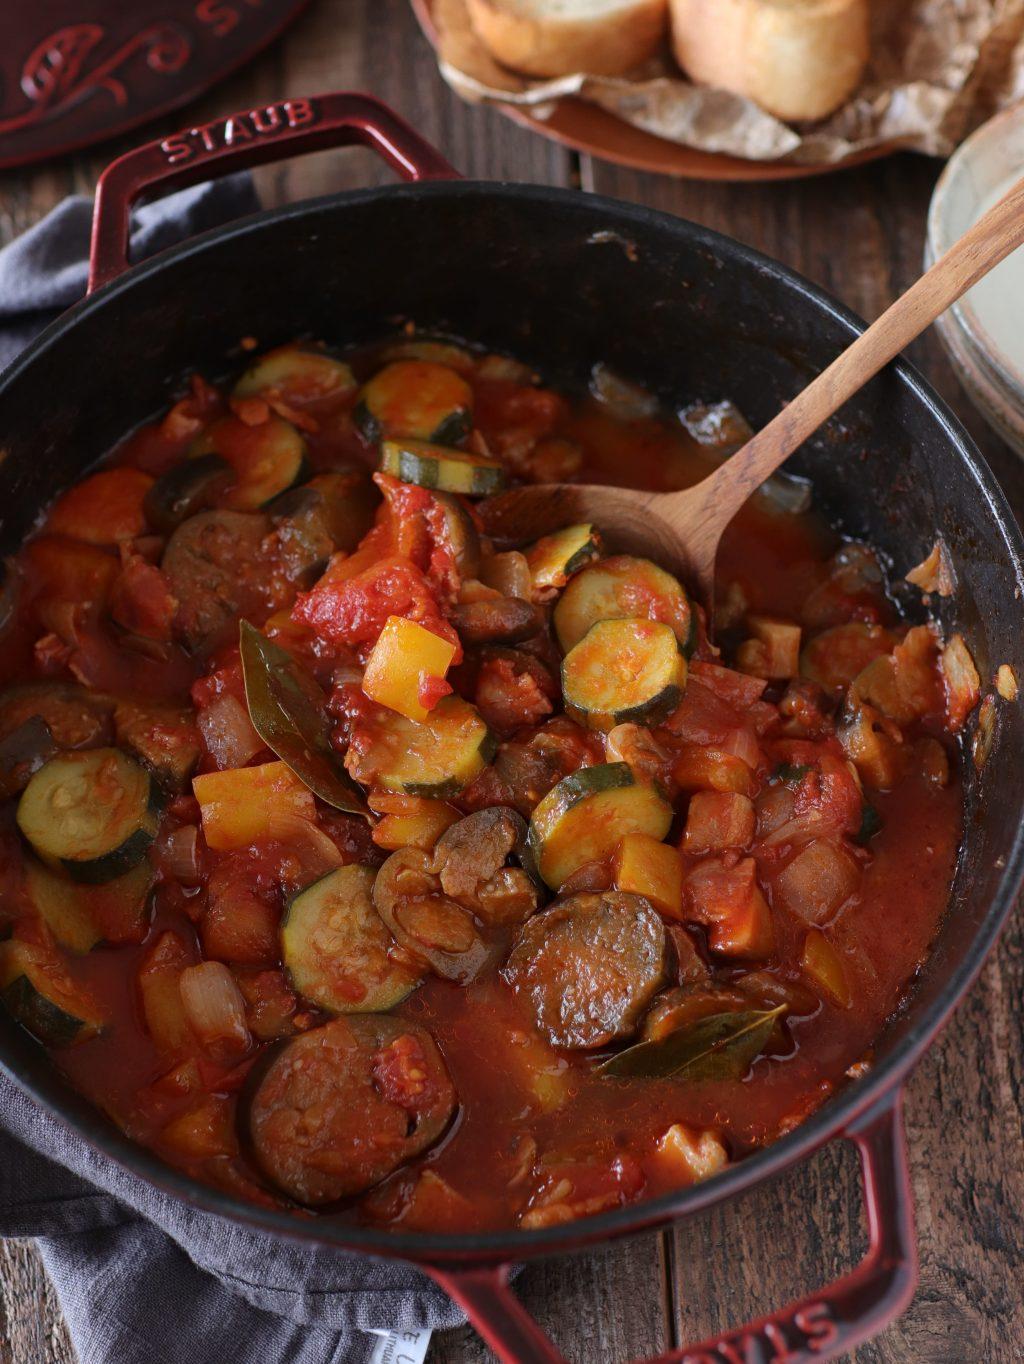 【レシピ】うまみたっぷり!彩り野菜のラタトゥイユ